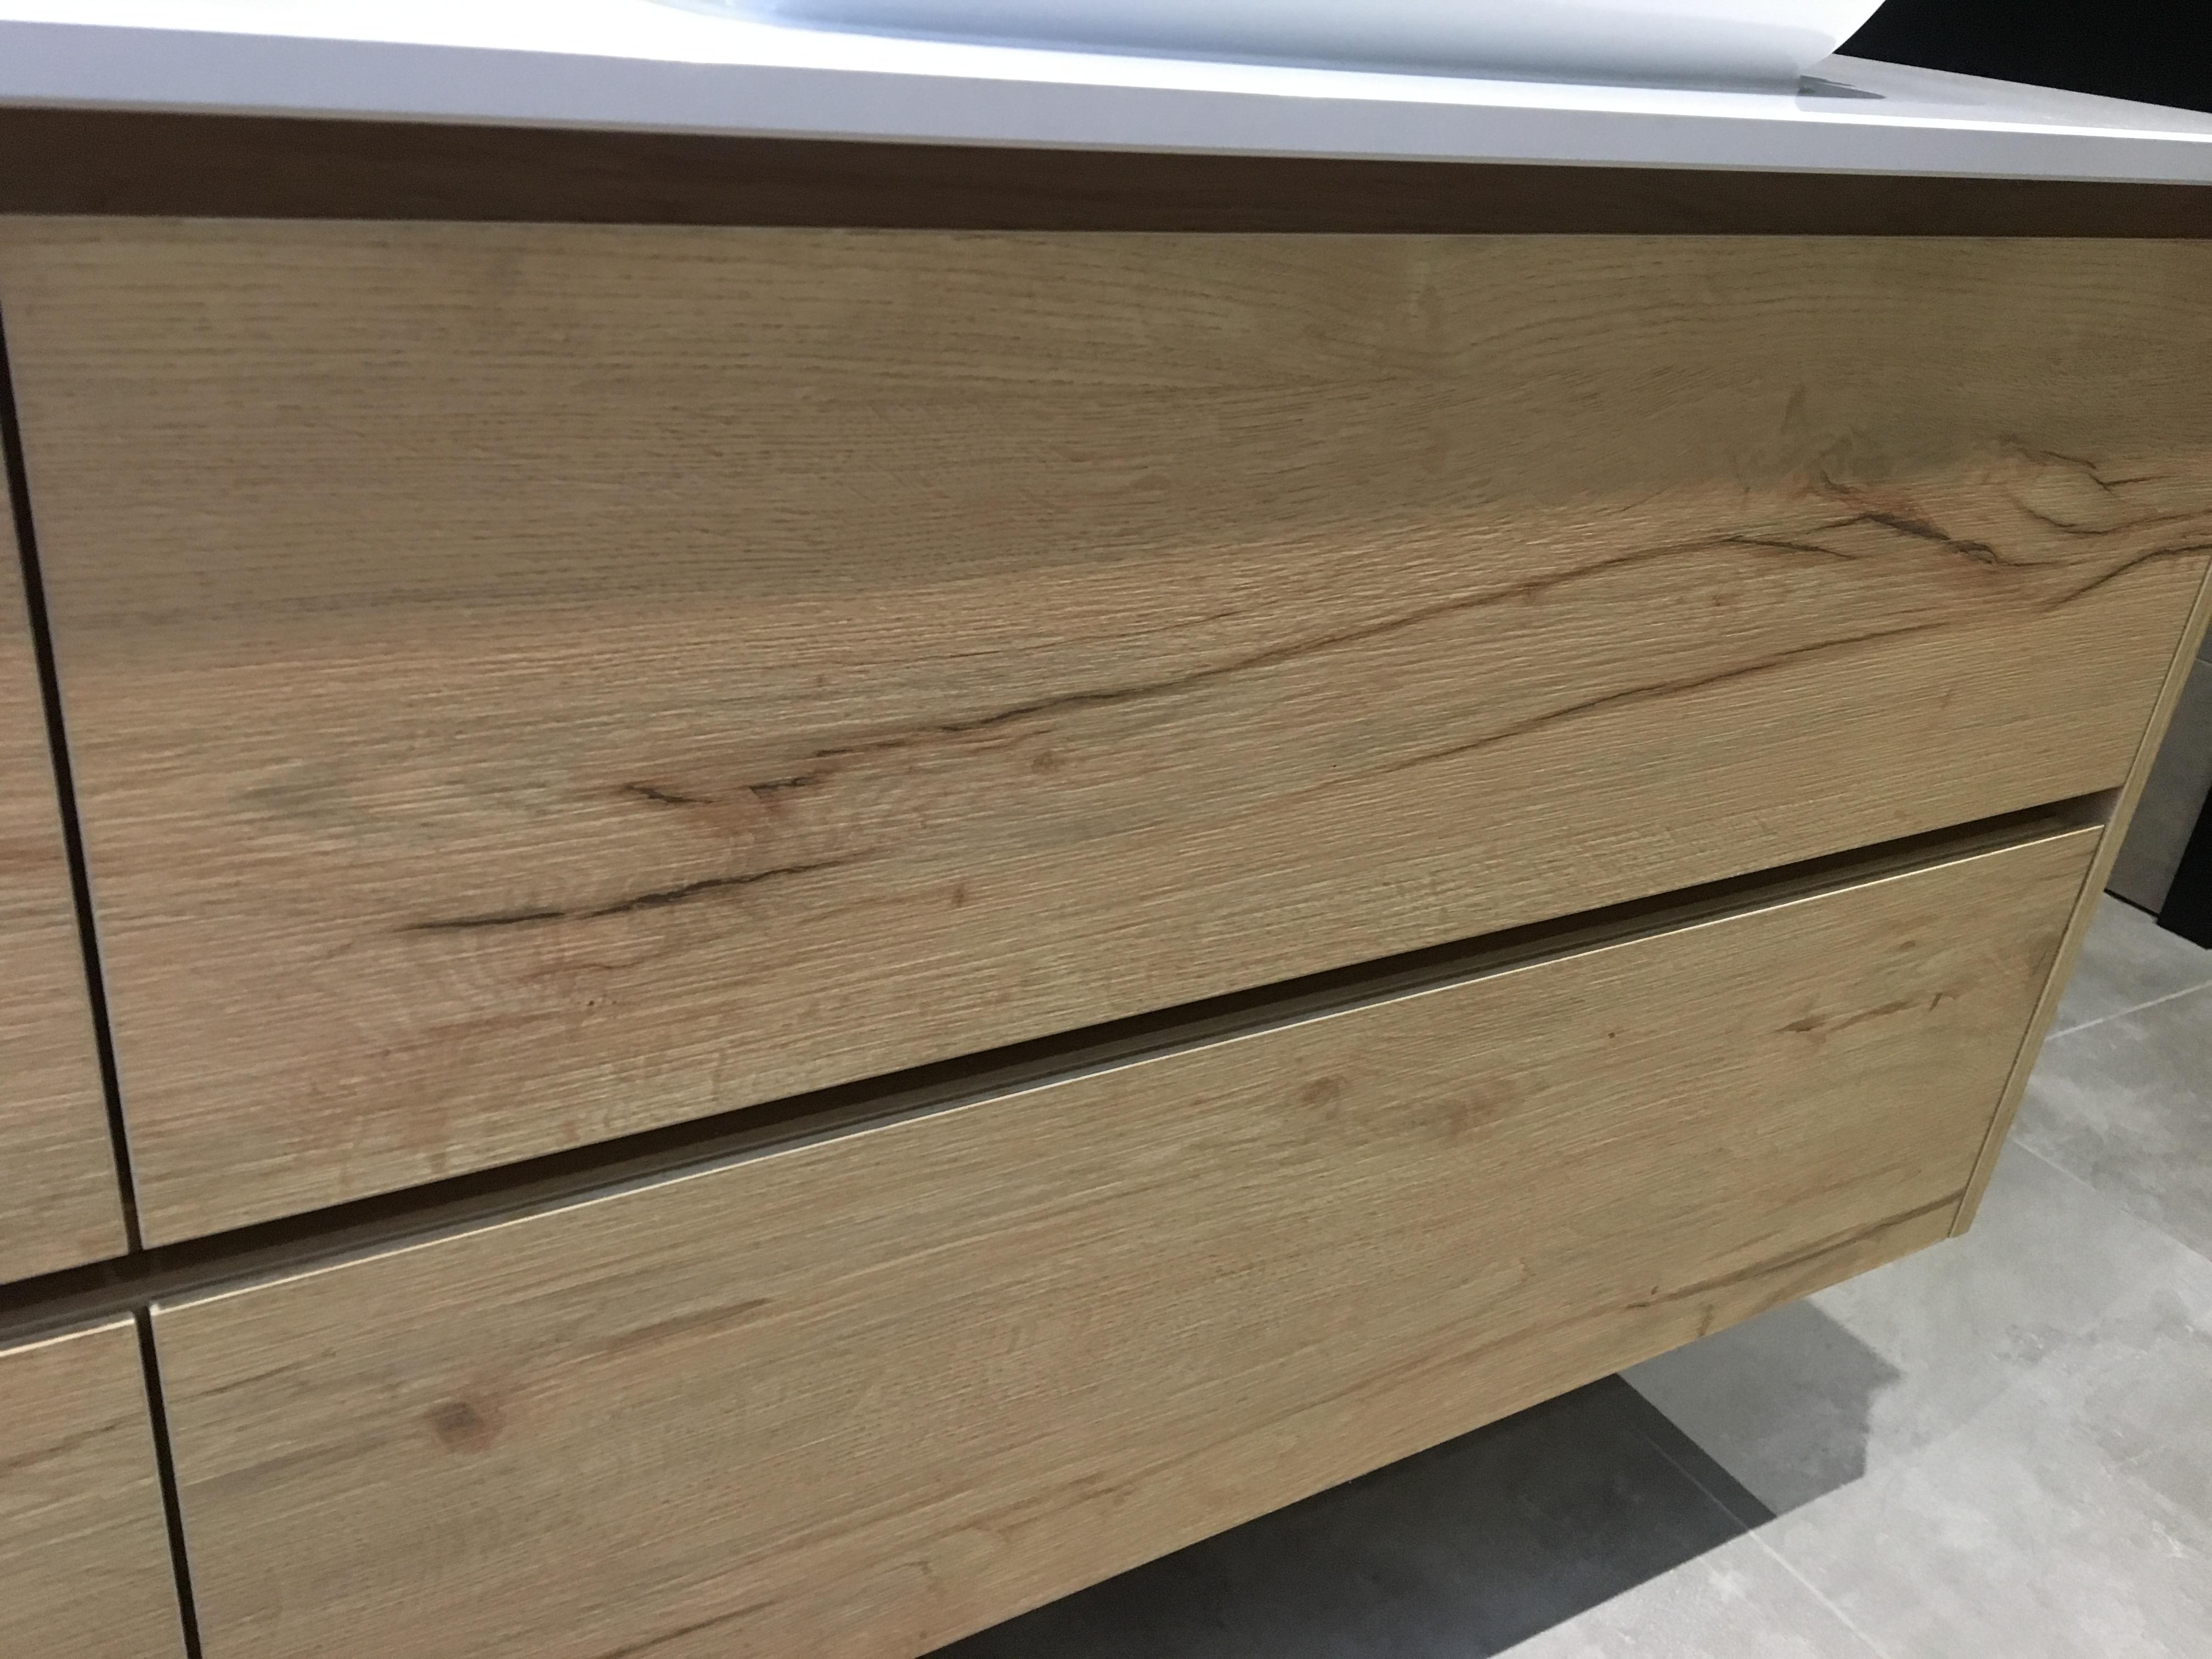 Zwevend badmeubel met houtstructuur